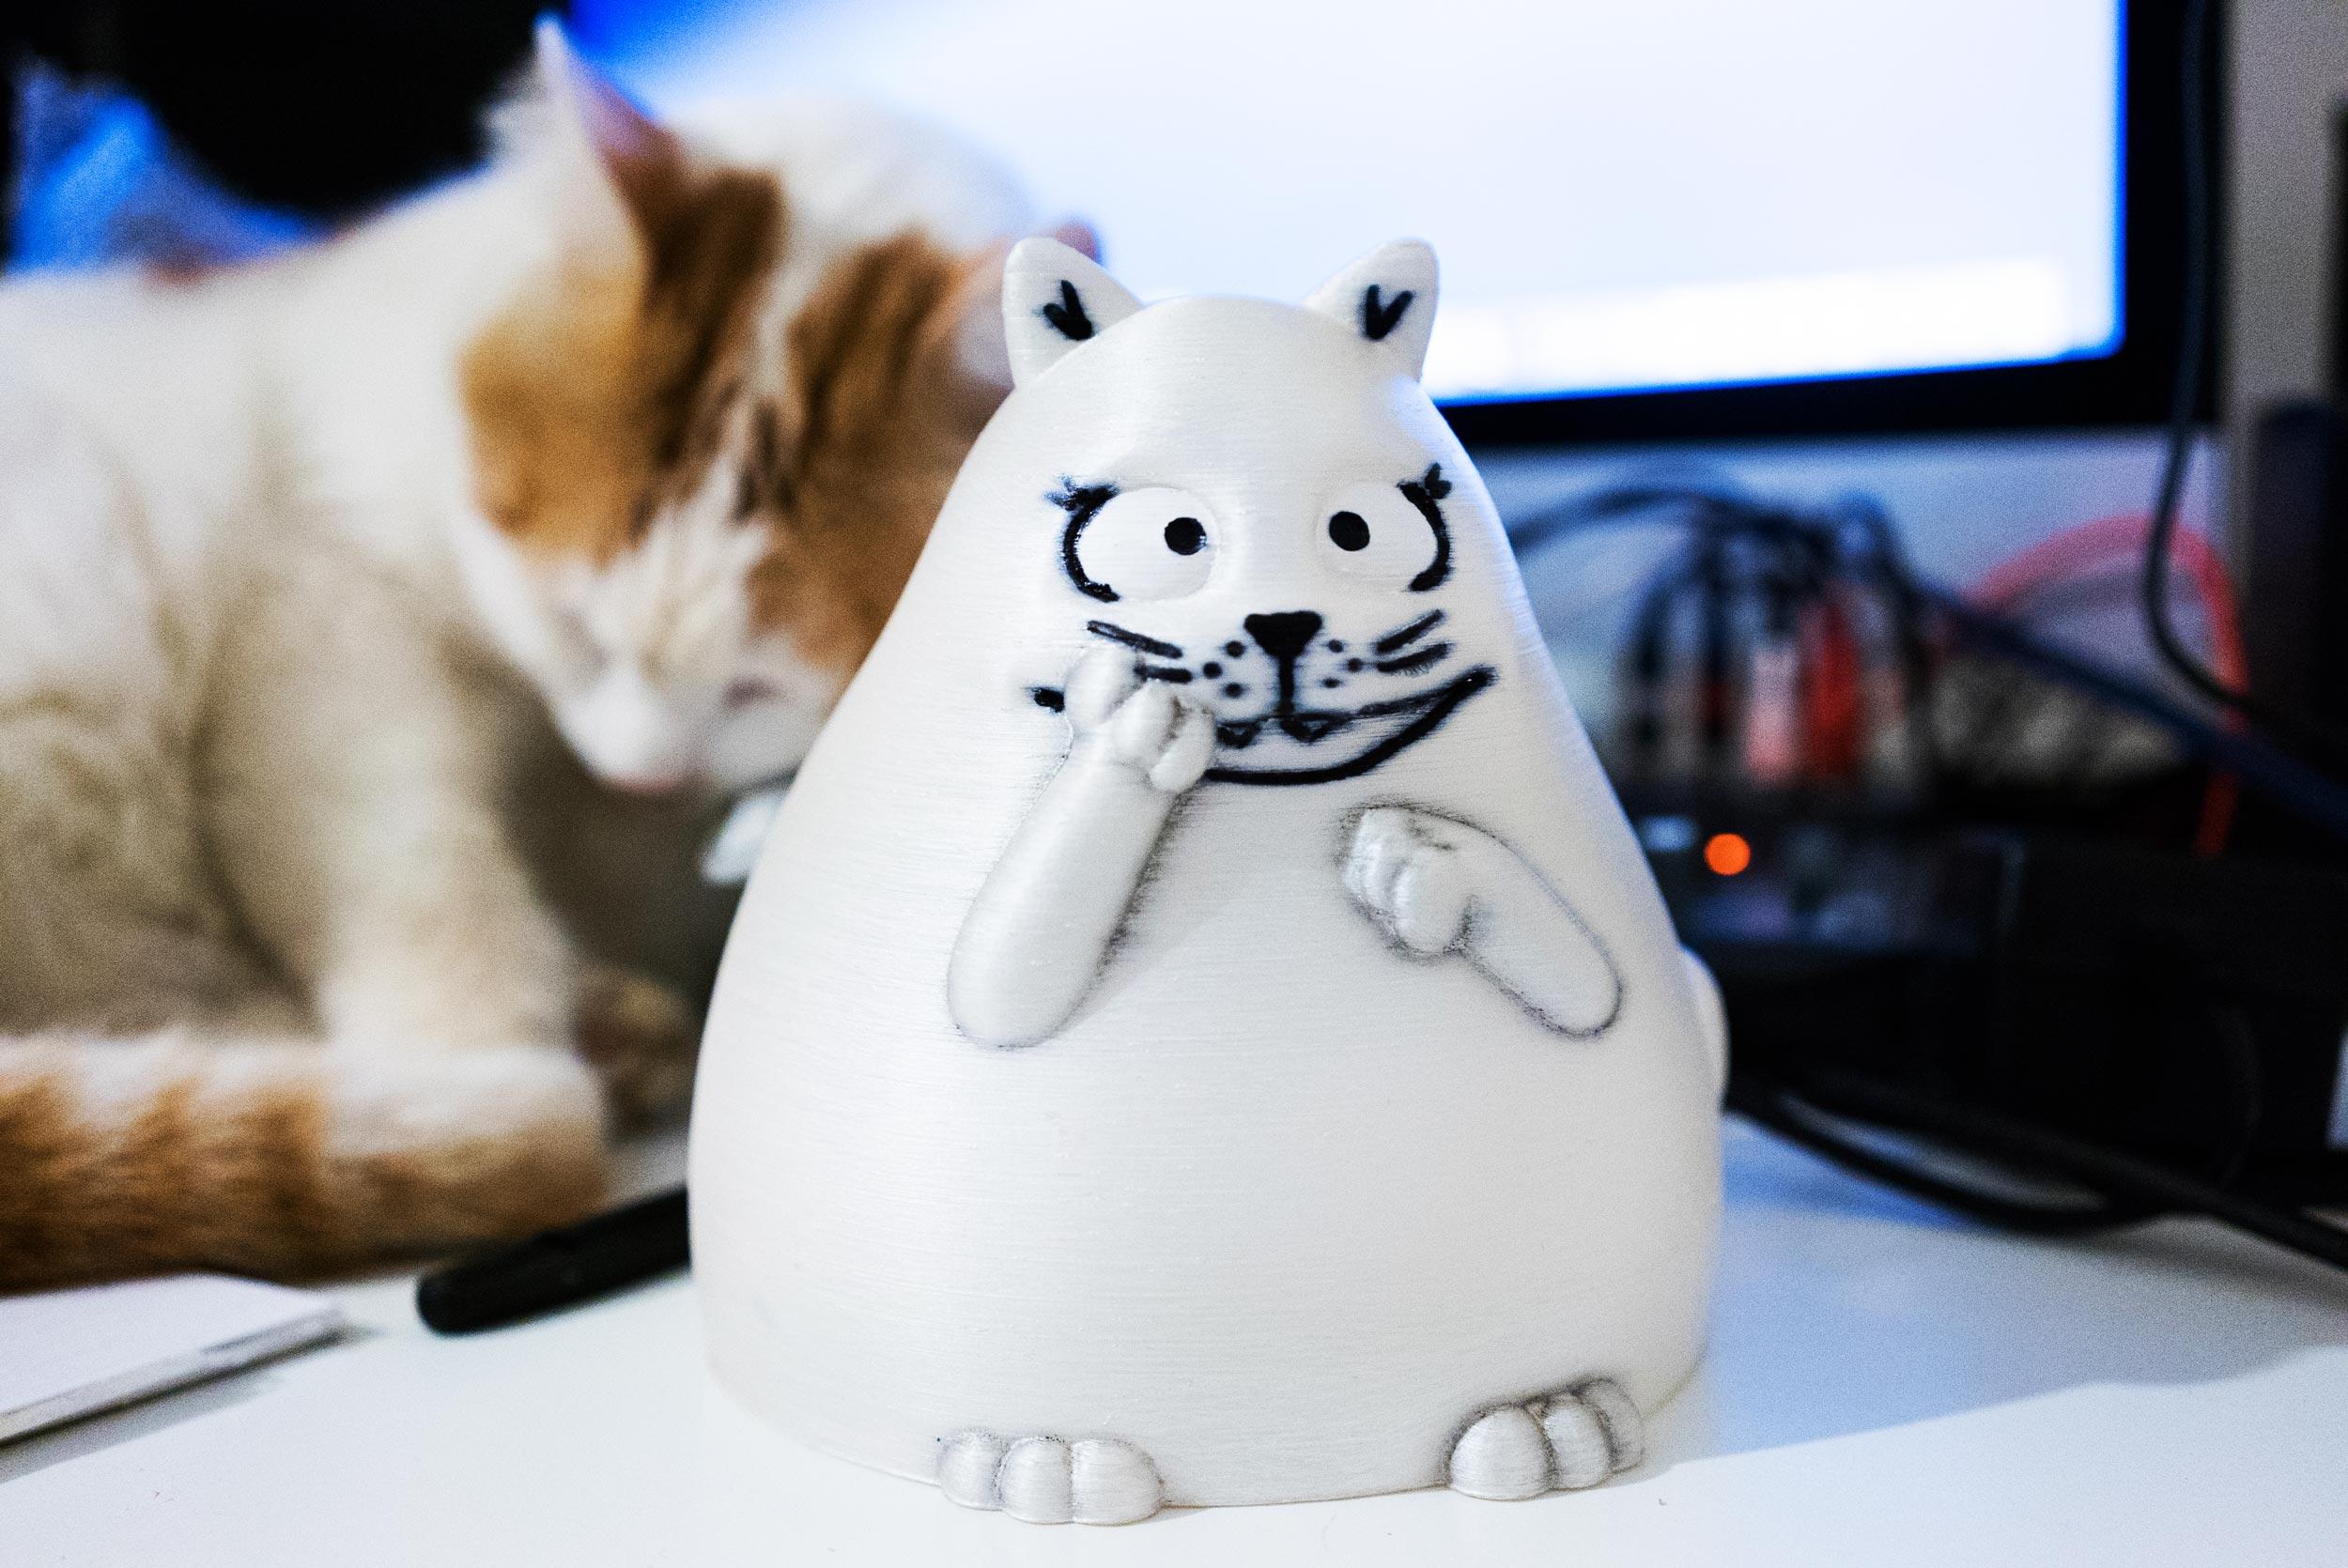 gatto-panzone-modellazione-3d-stampa-3d